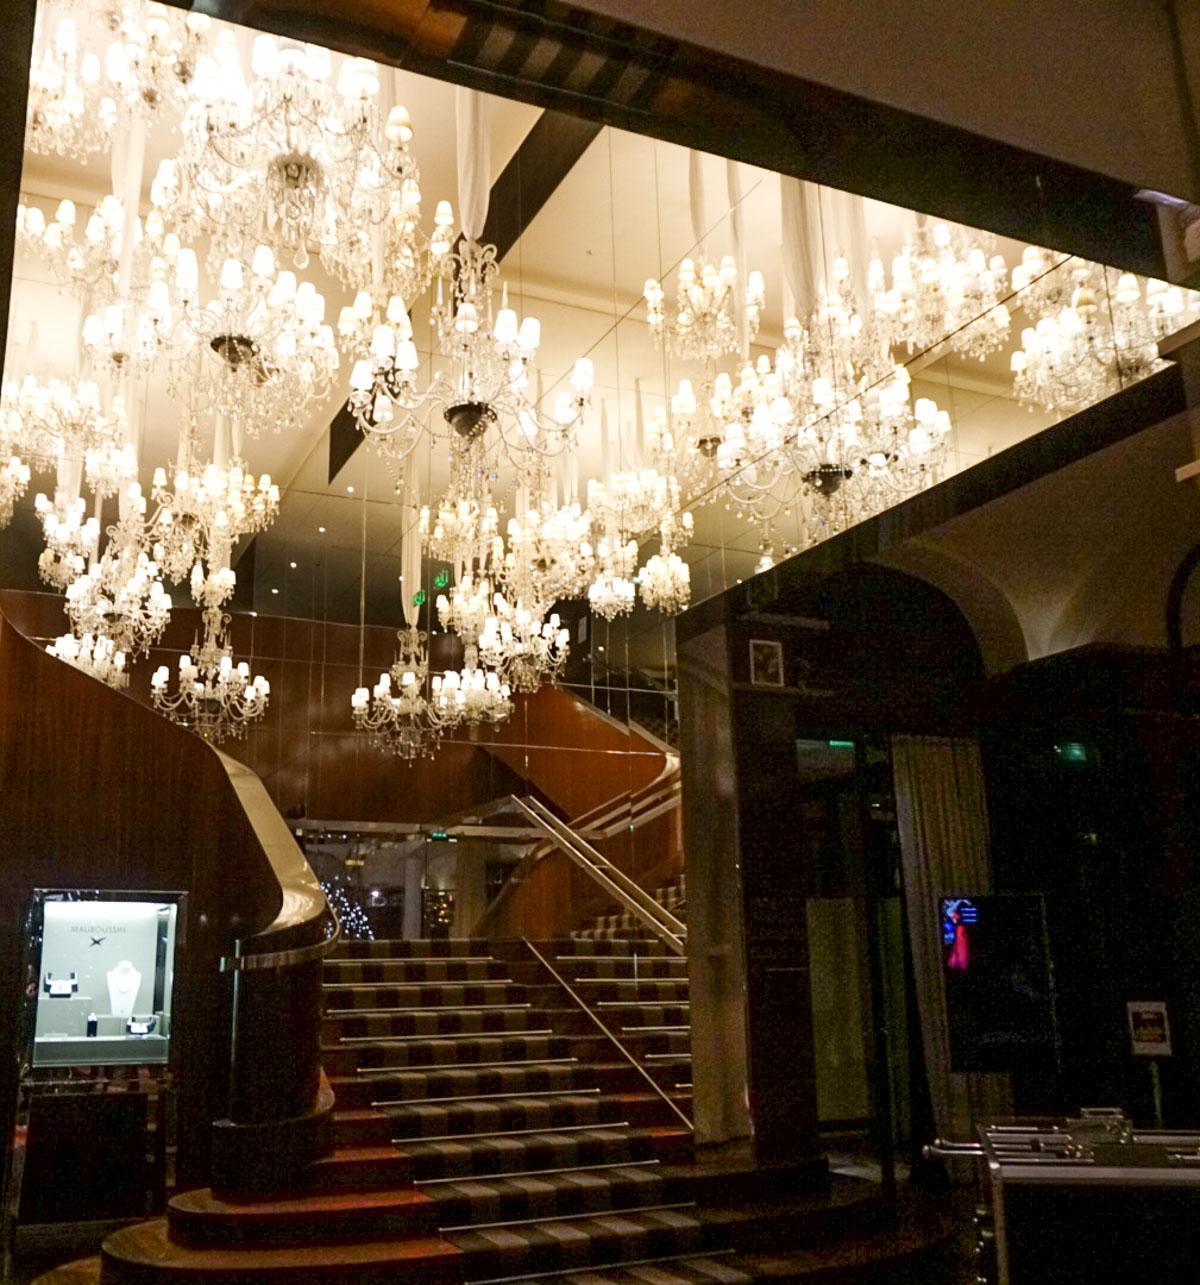 Le Royal Monceau_Trip_to_Paris-2482.jpg